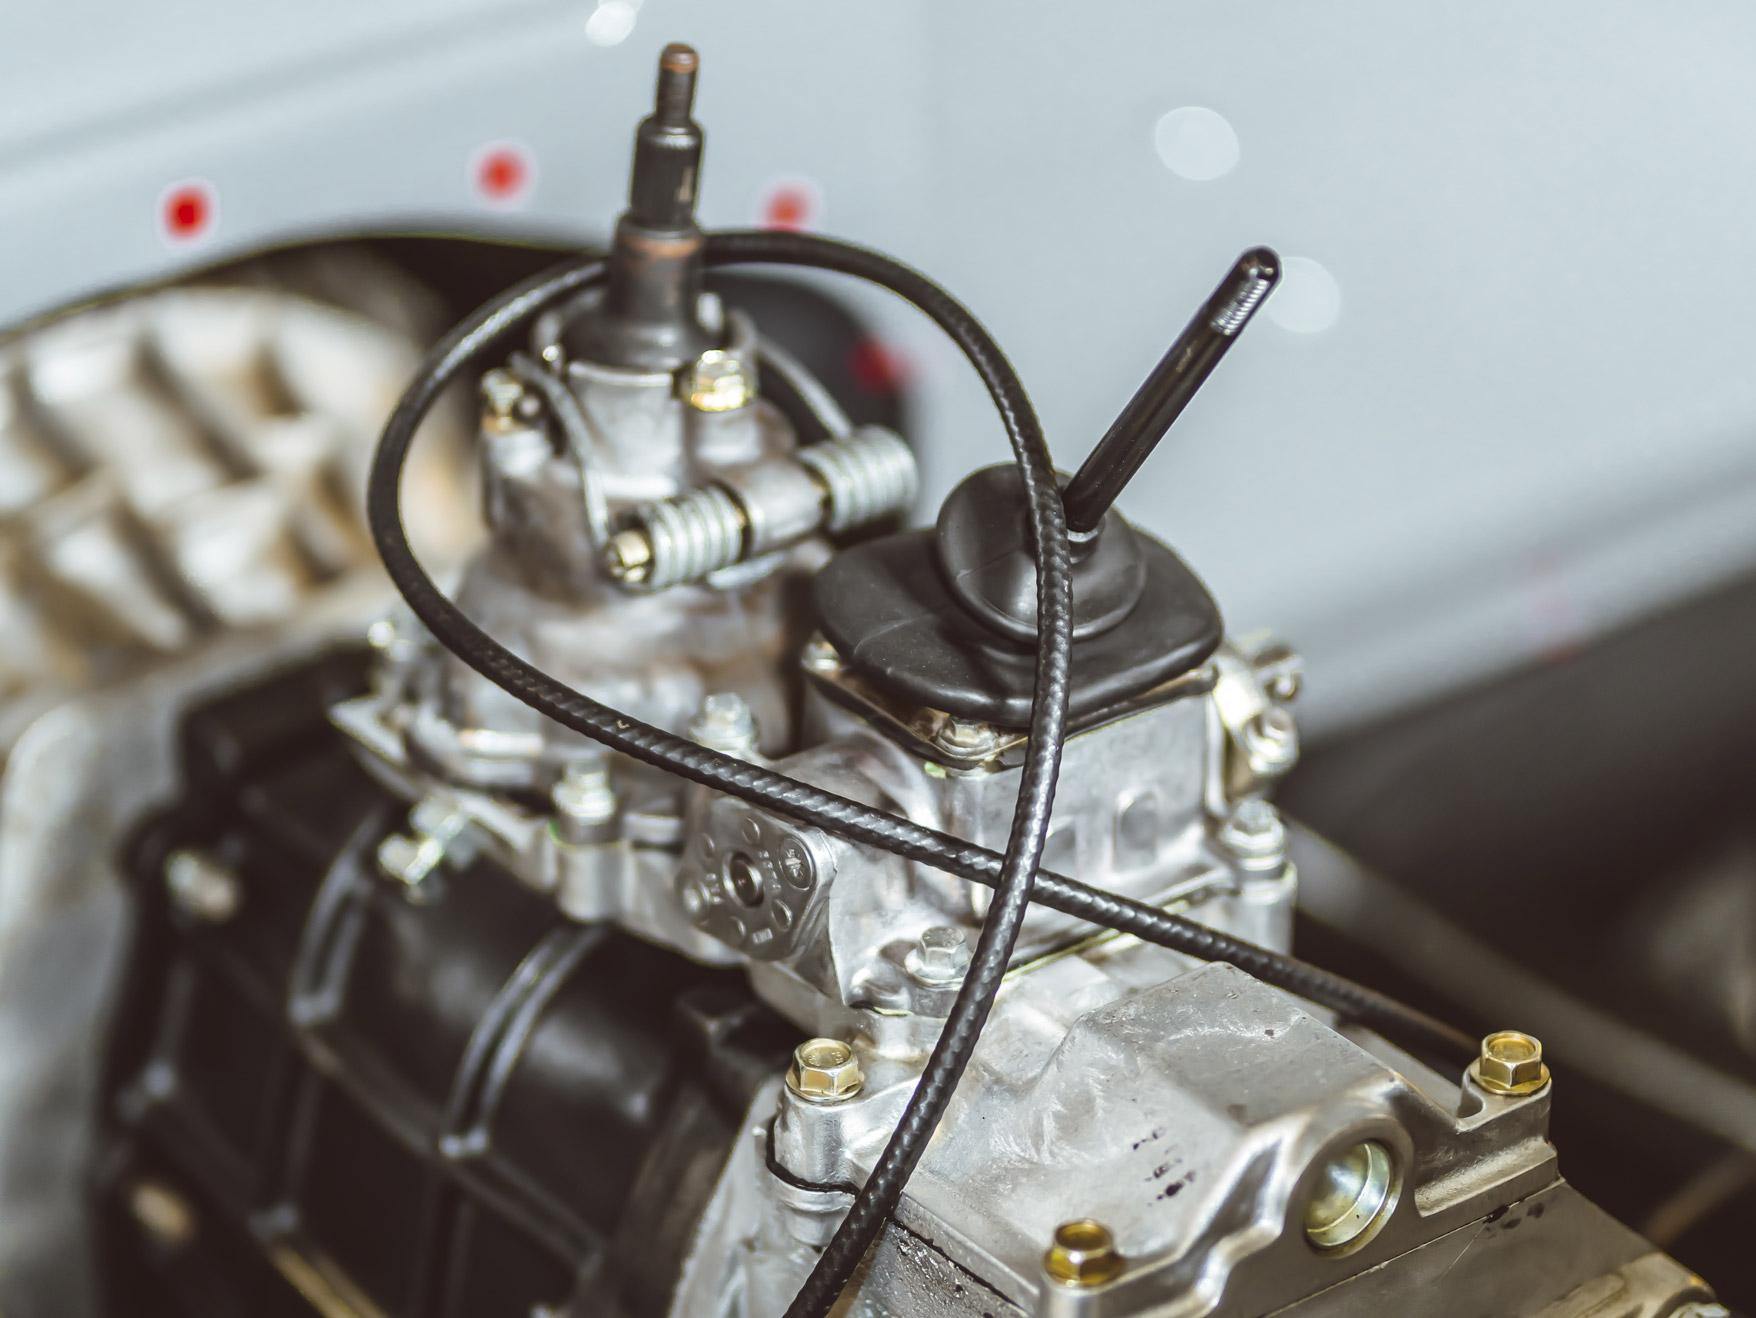 medium_Land_Rover_transmission.jpg